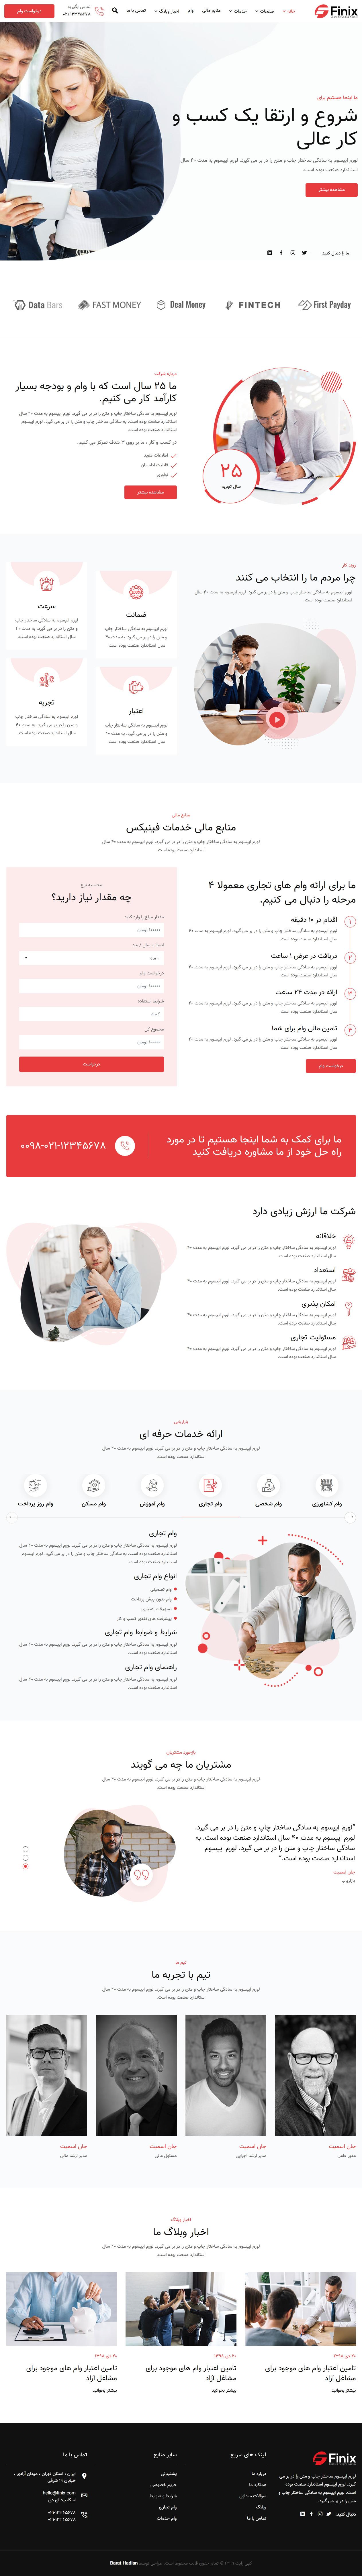 صفحه اصلی دمو دوم قالب HTML شرکتی Finix